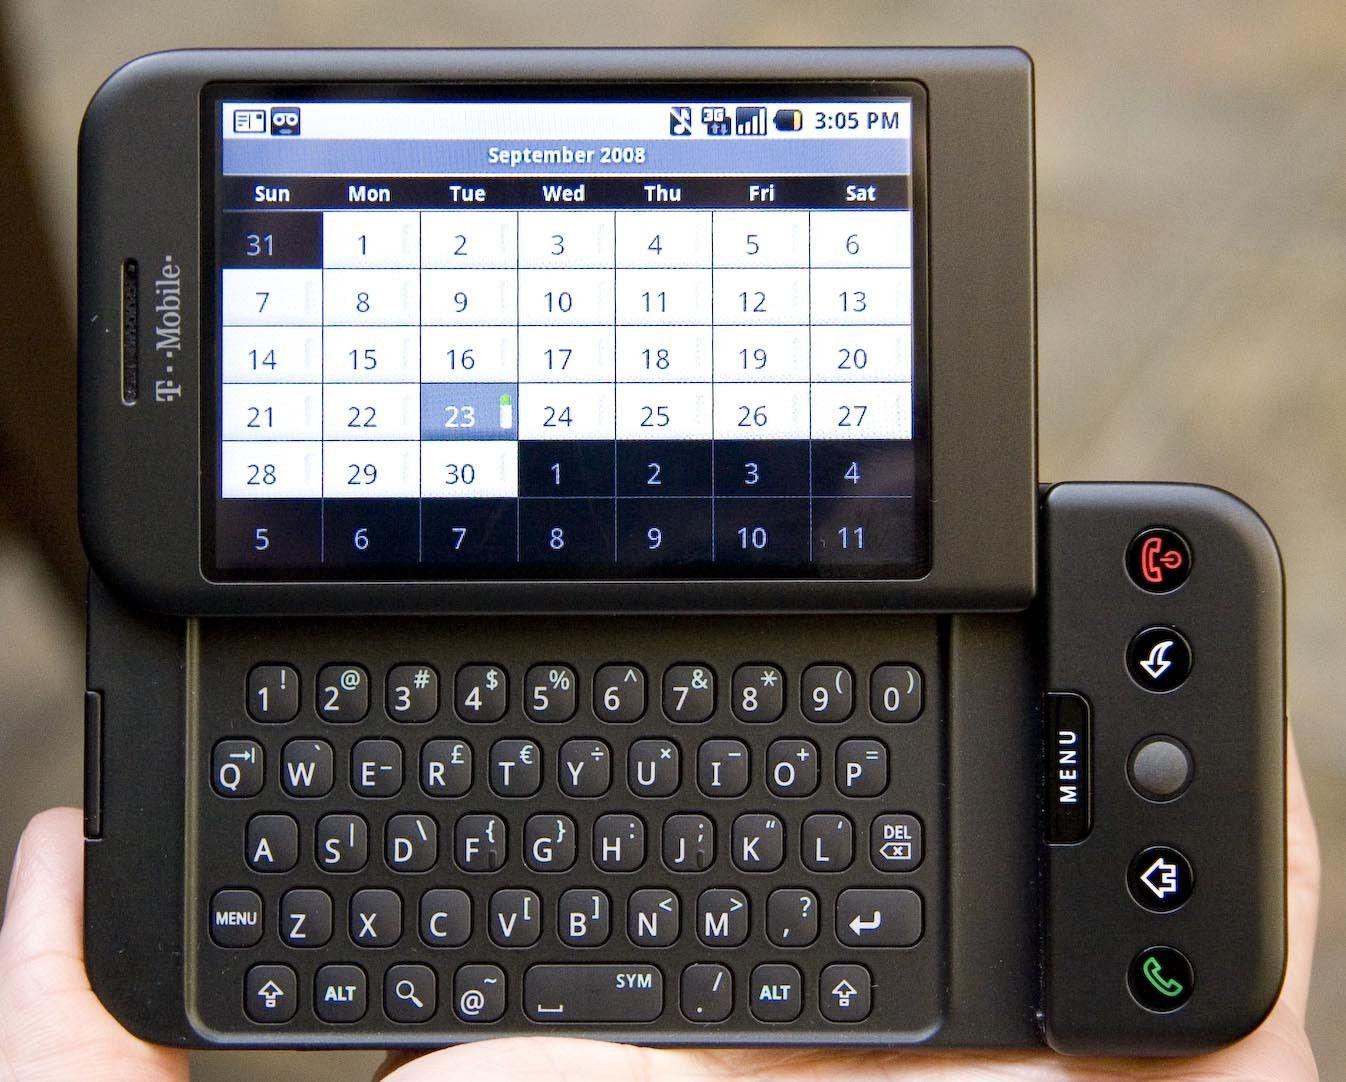 Abbildung 2: HTC Dream oder auch T-Mobile G1, das erste Android Telefon. Veröffentlichung Herbst 2008, Sergey Brin und Larry Page standen mit Inline Skates auf der Bühne